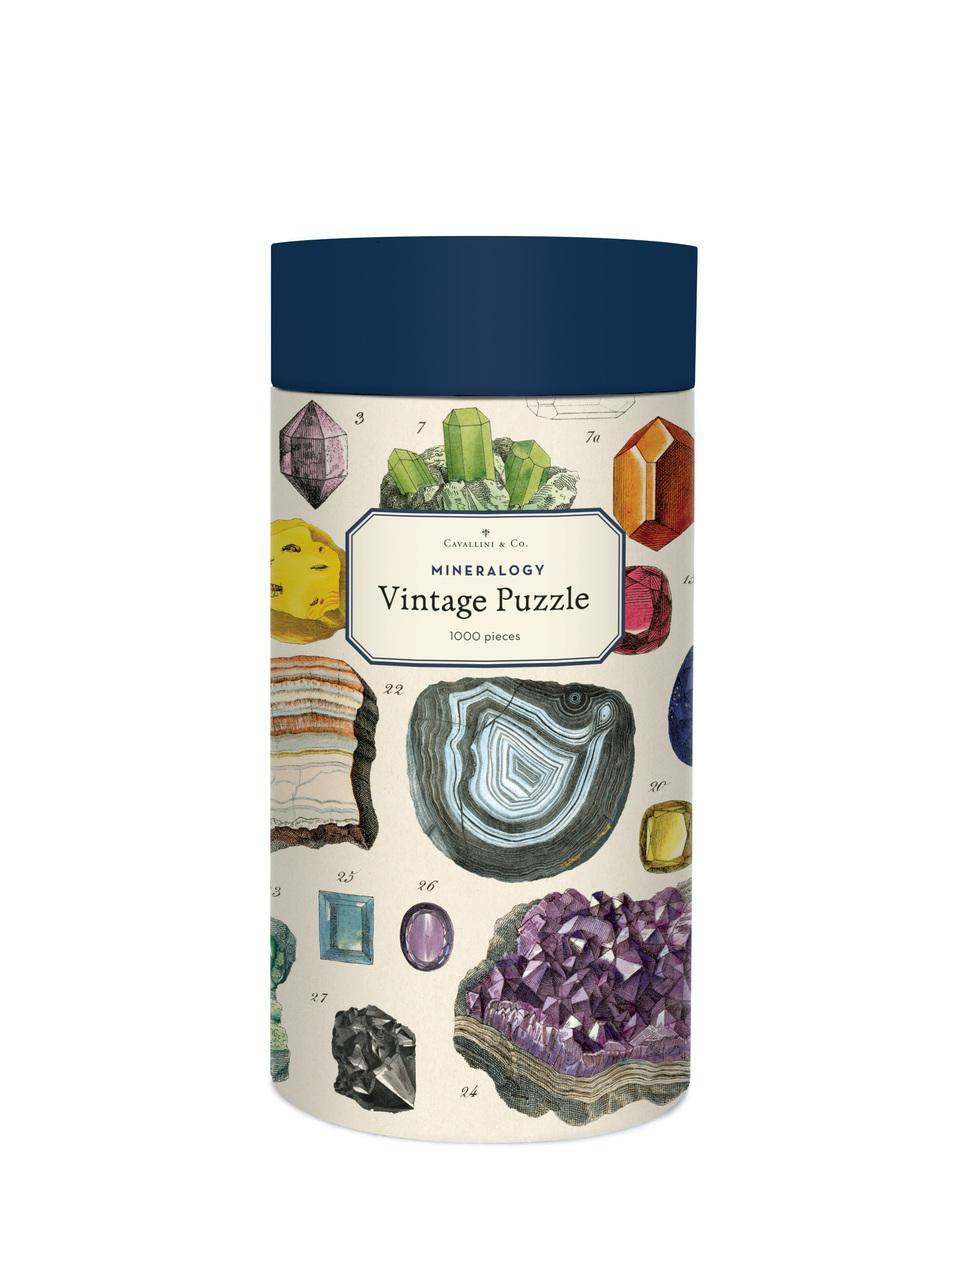 Mineralogy Vintage Puzzle